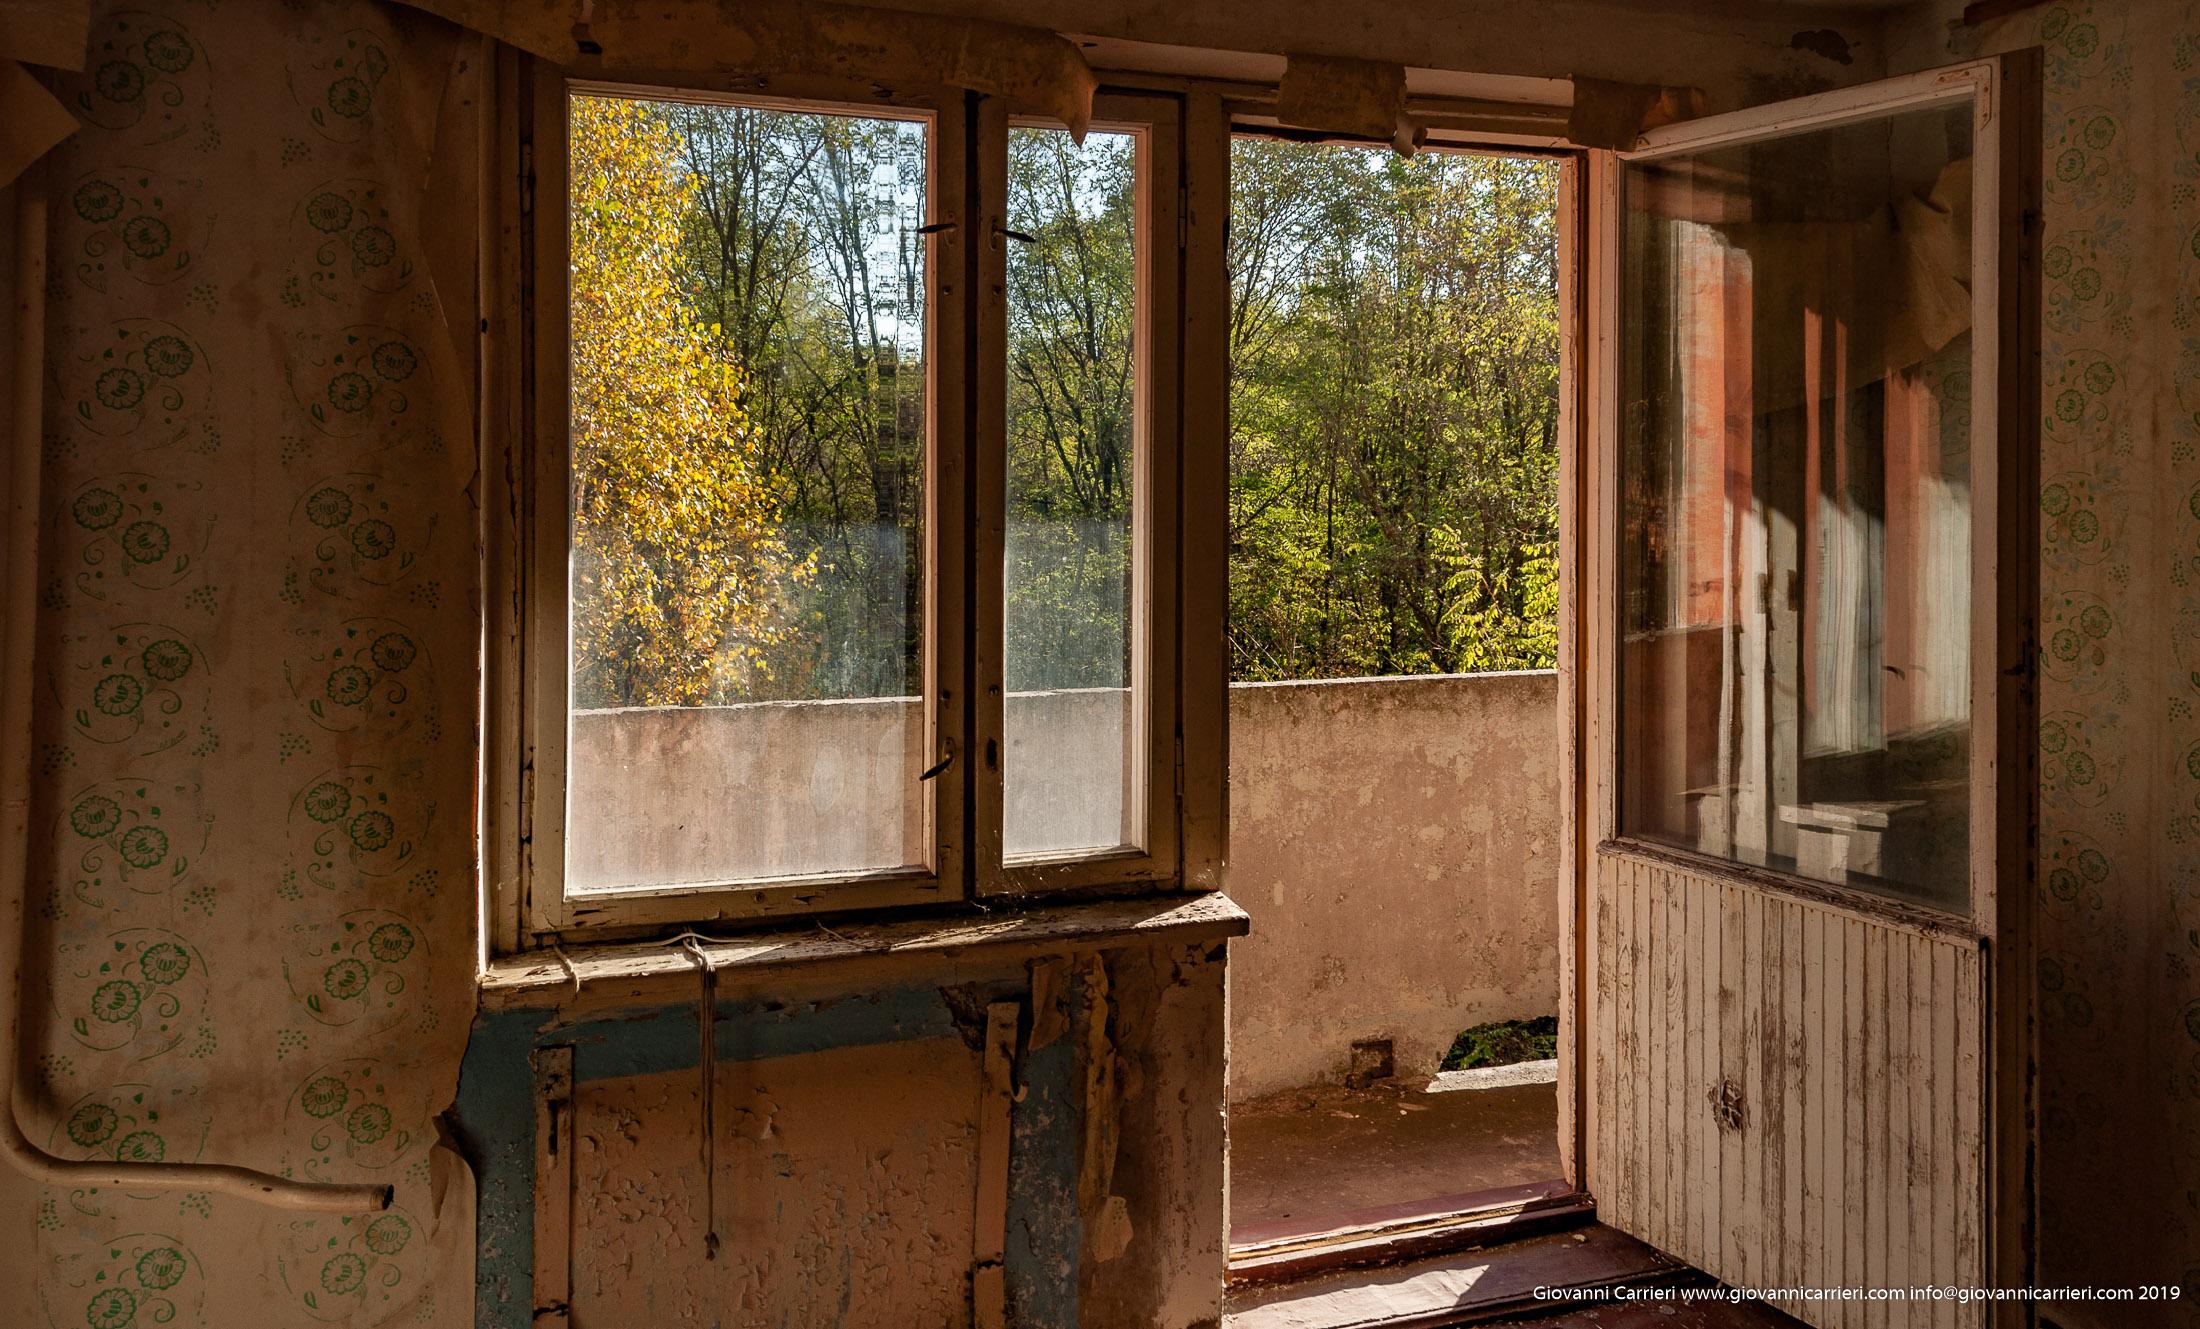 Un balcone abbandonato